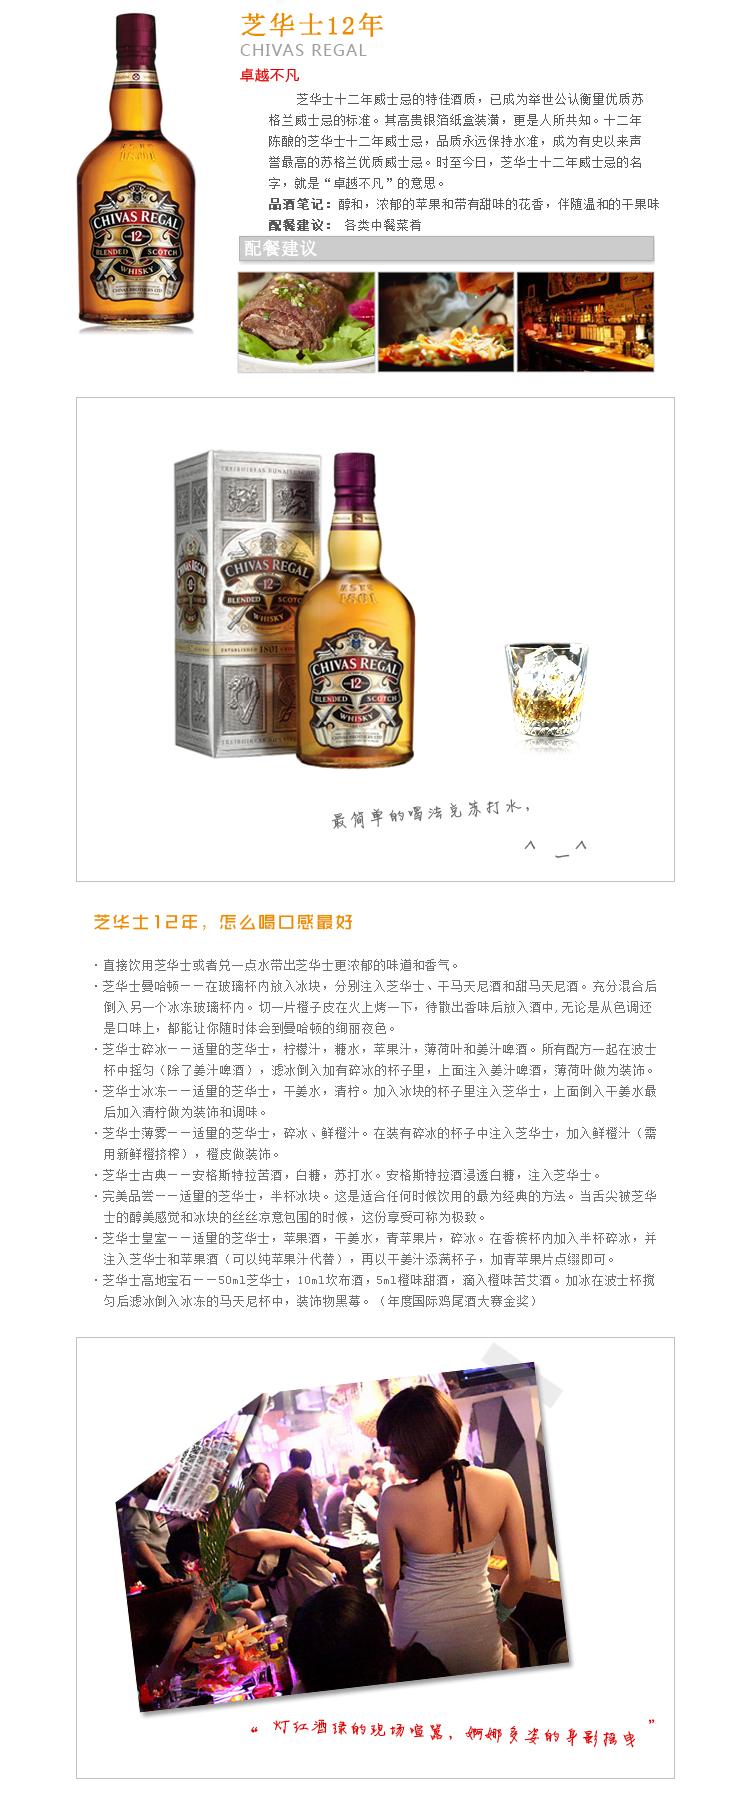 芝华士12年威士忌 700ml饮用配餐